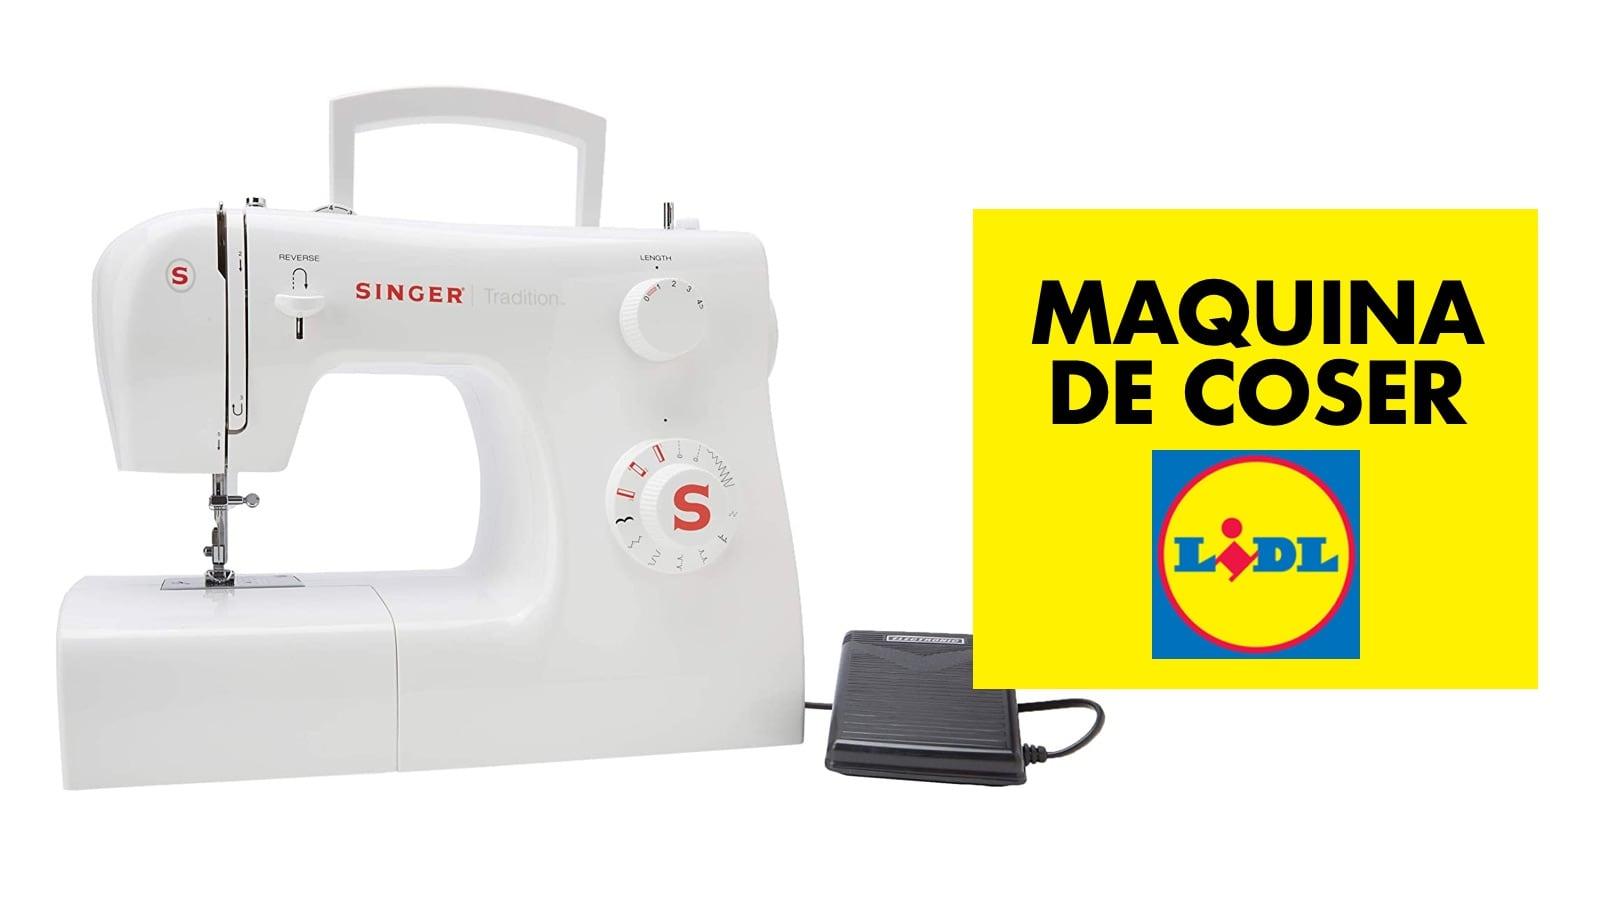 Máquina de Coser del Lidl